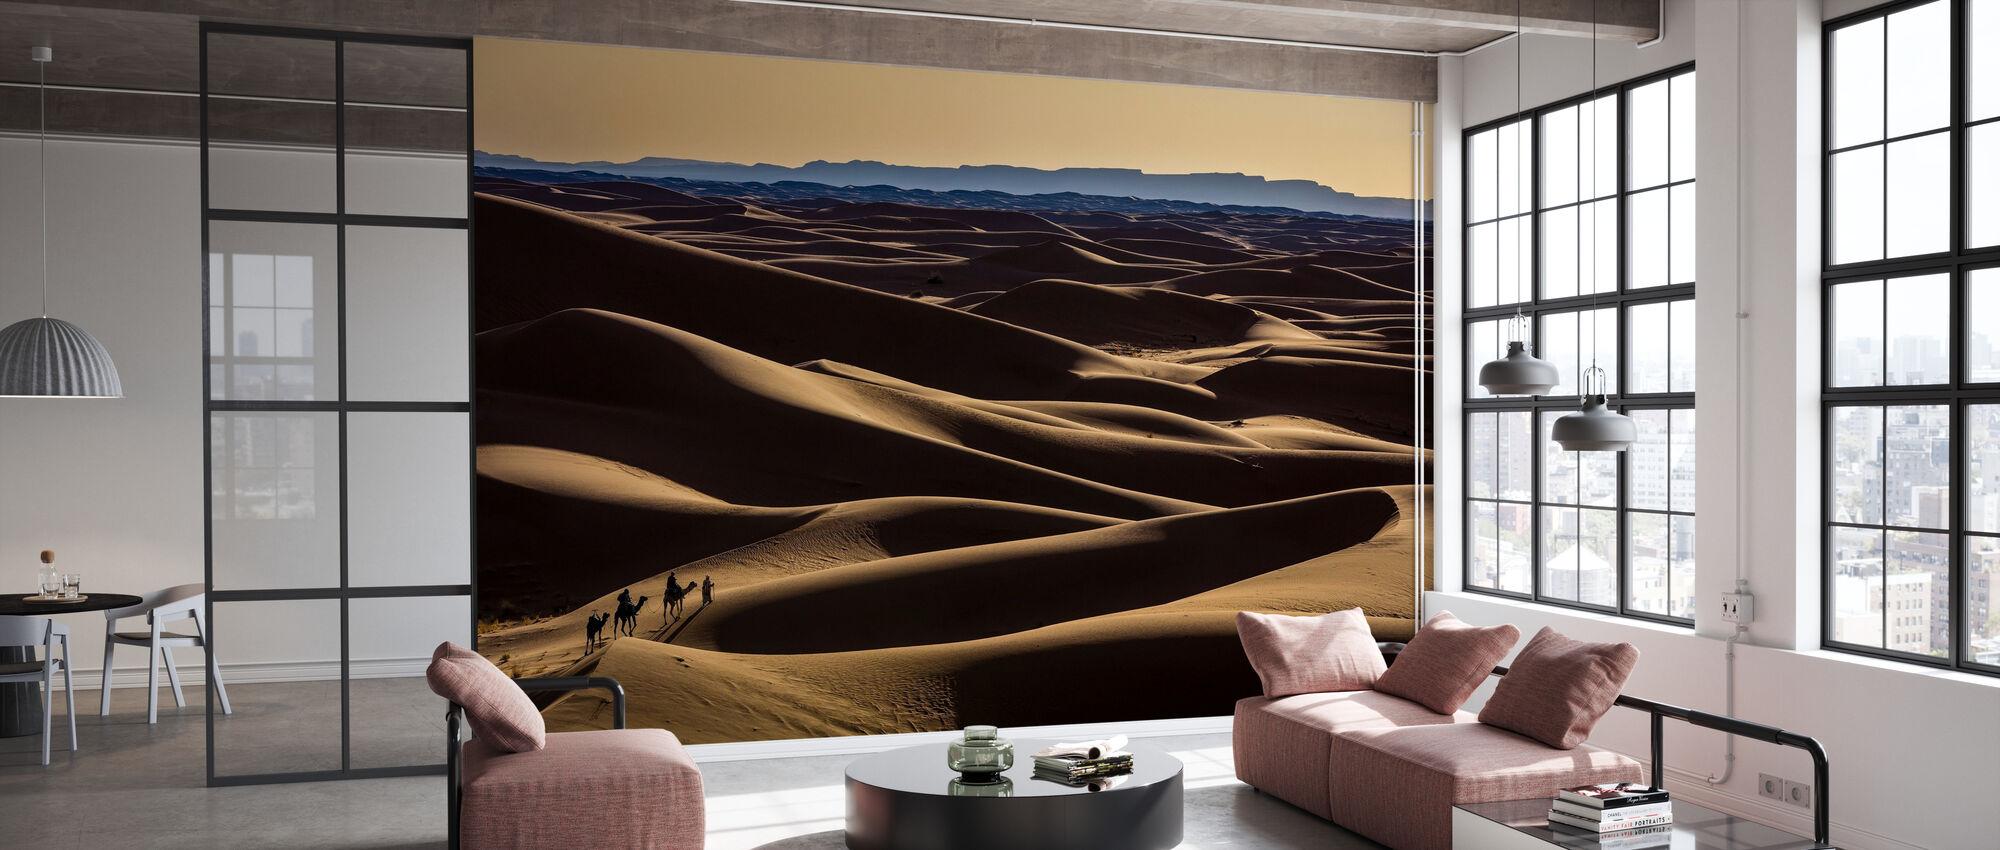 Caravan - Wallpaper - Office